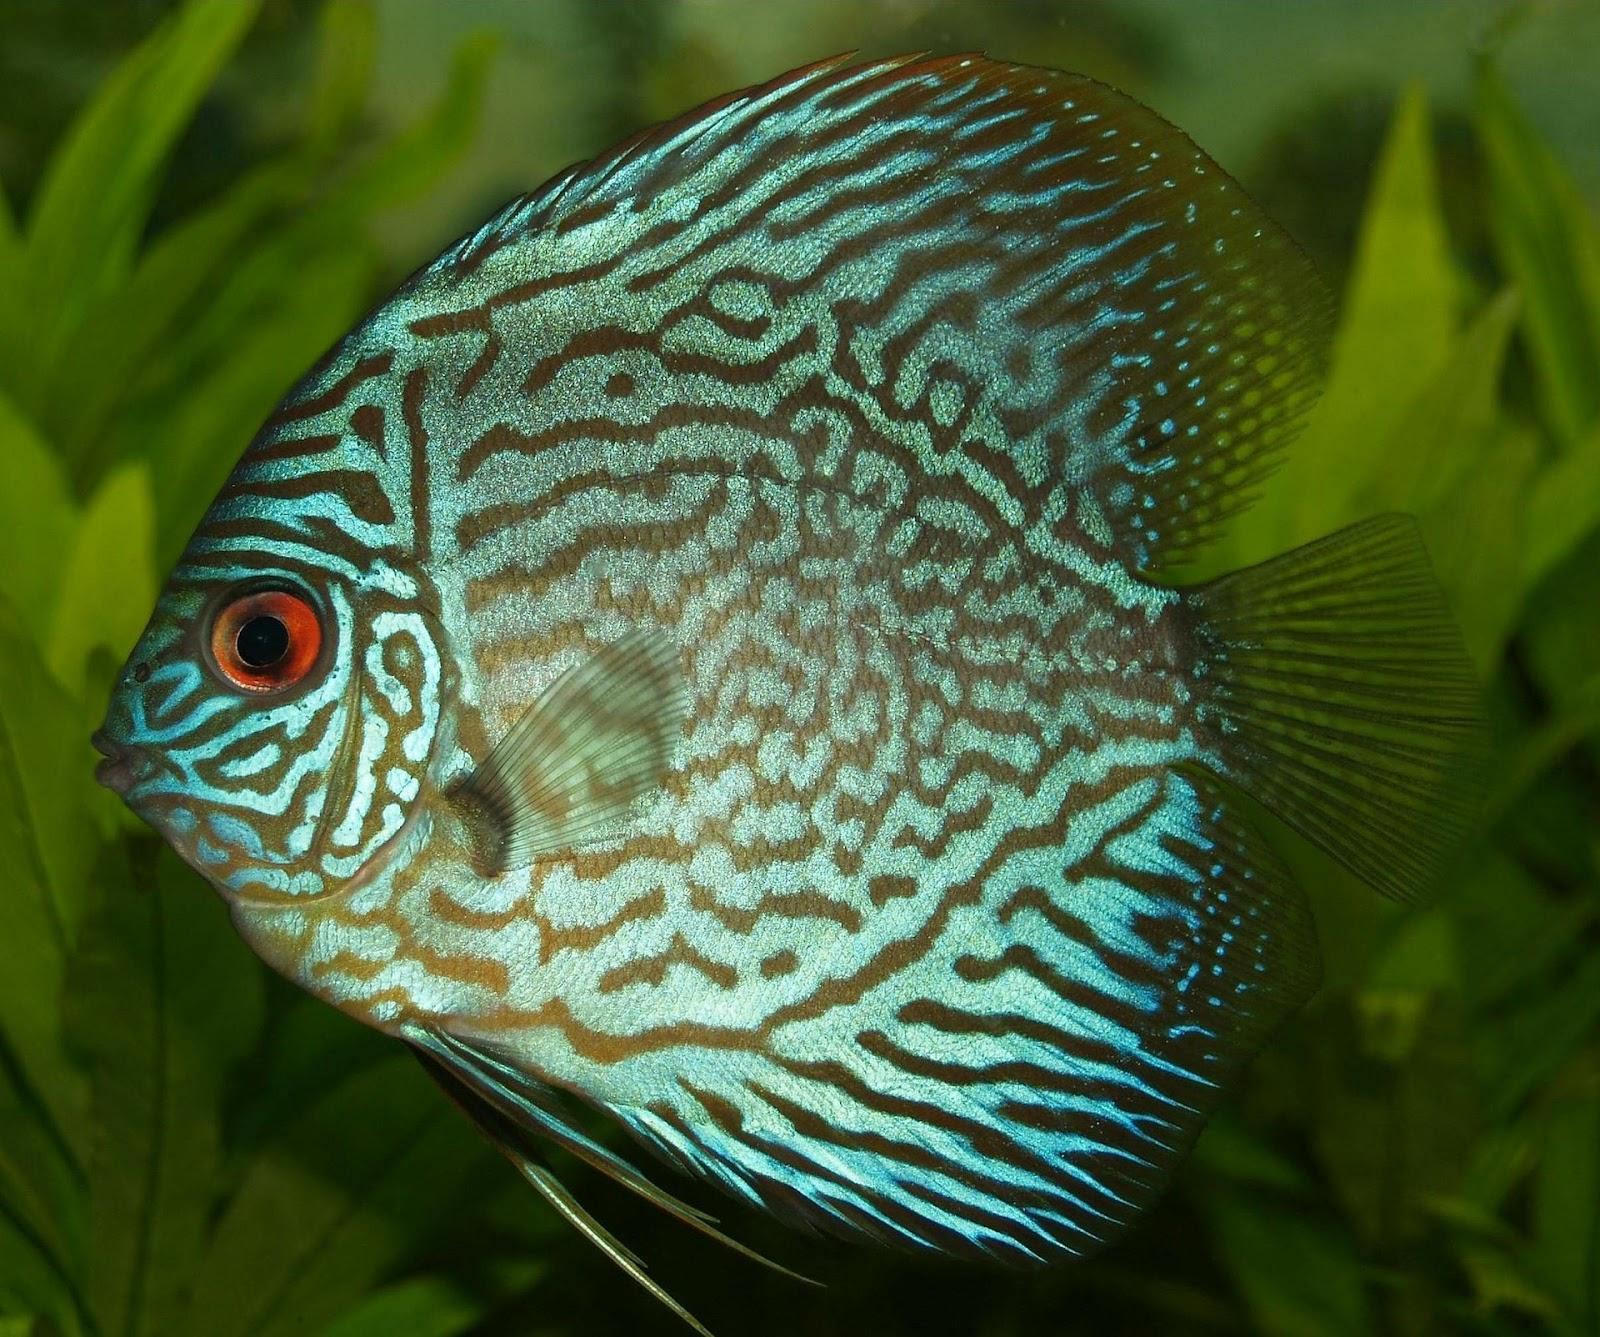 Cichlid in planted aquarium